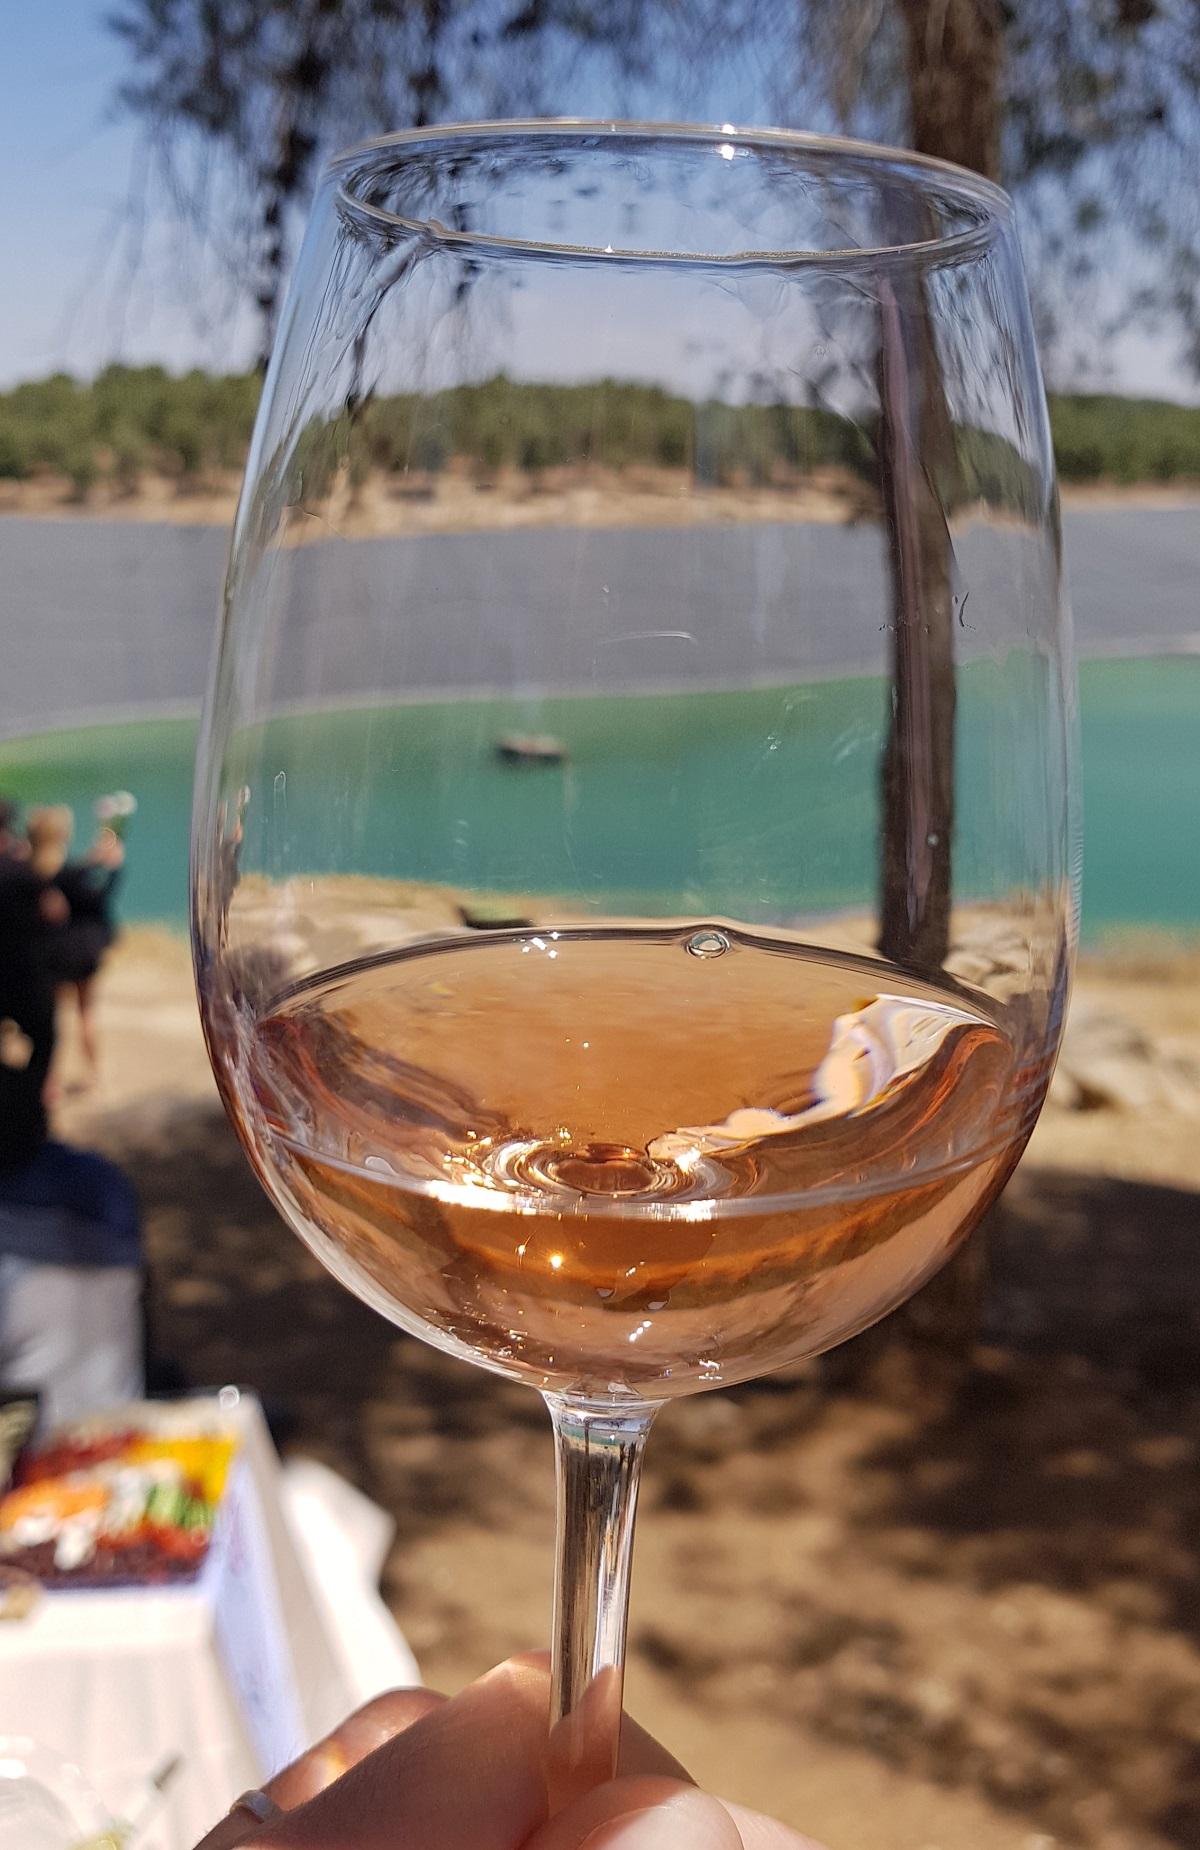 עצירת יין. 'דרום רוזה' על גדת מאגר יתיר. צילום: מגזין שותים